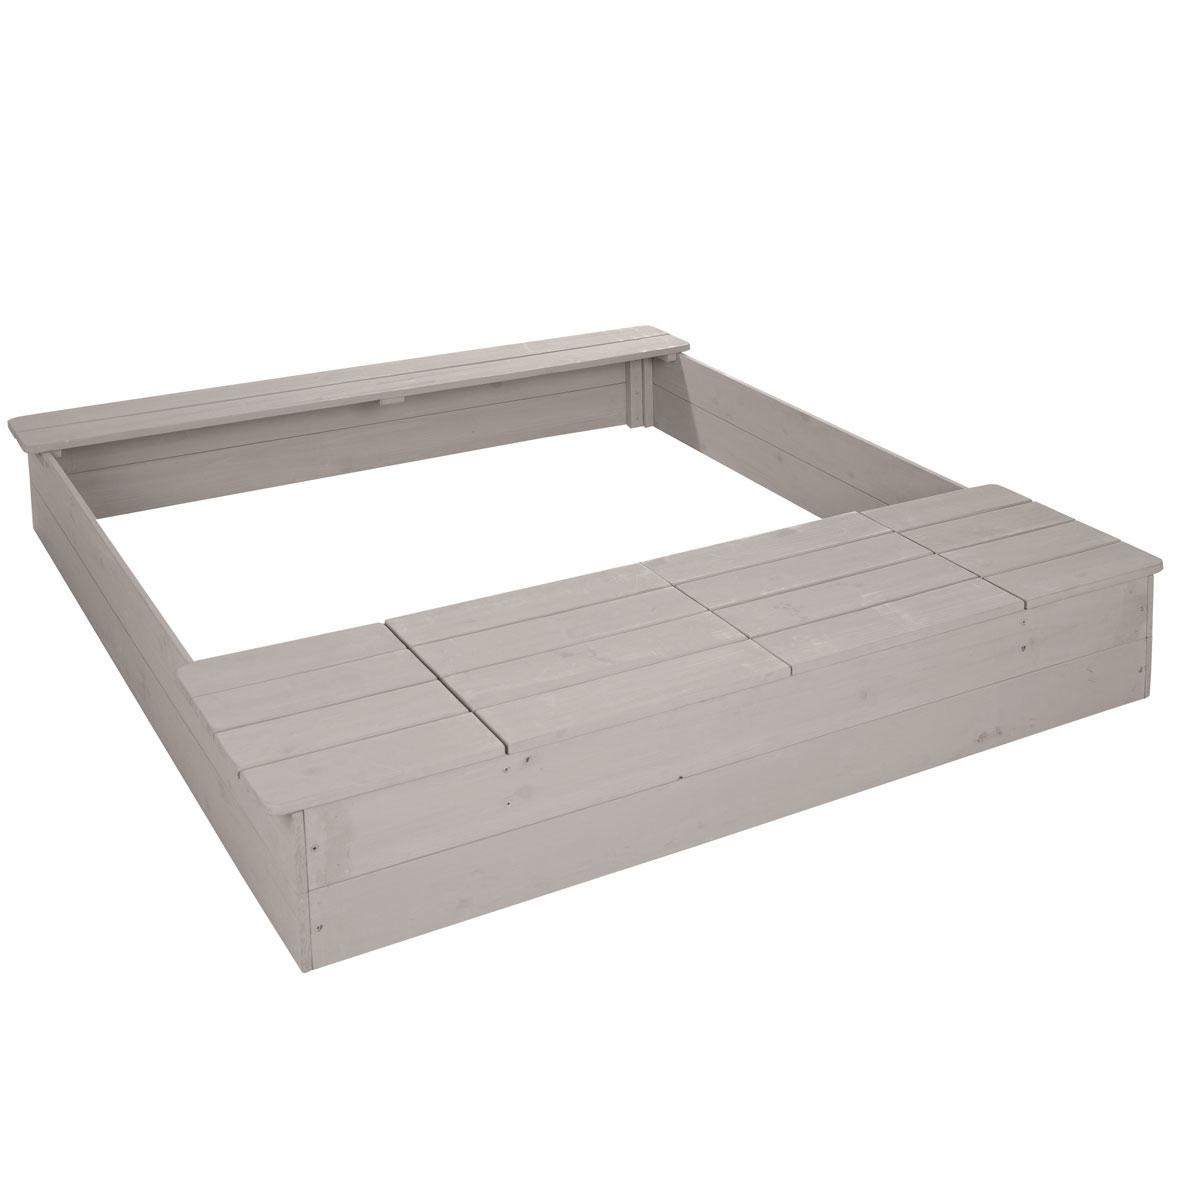 roba sandkasten aus holz mit spielwannen pirum. Black Bedroom Furniture Sets. Home Design Ideas